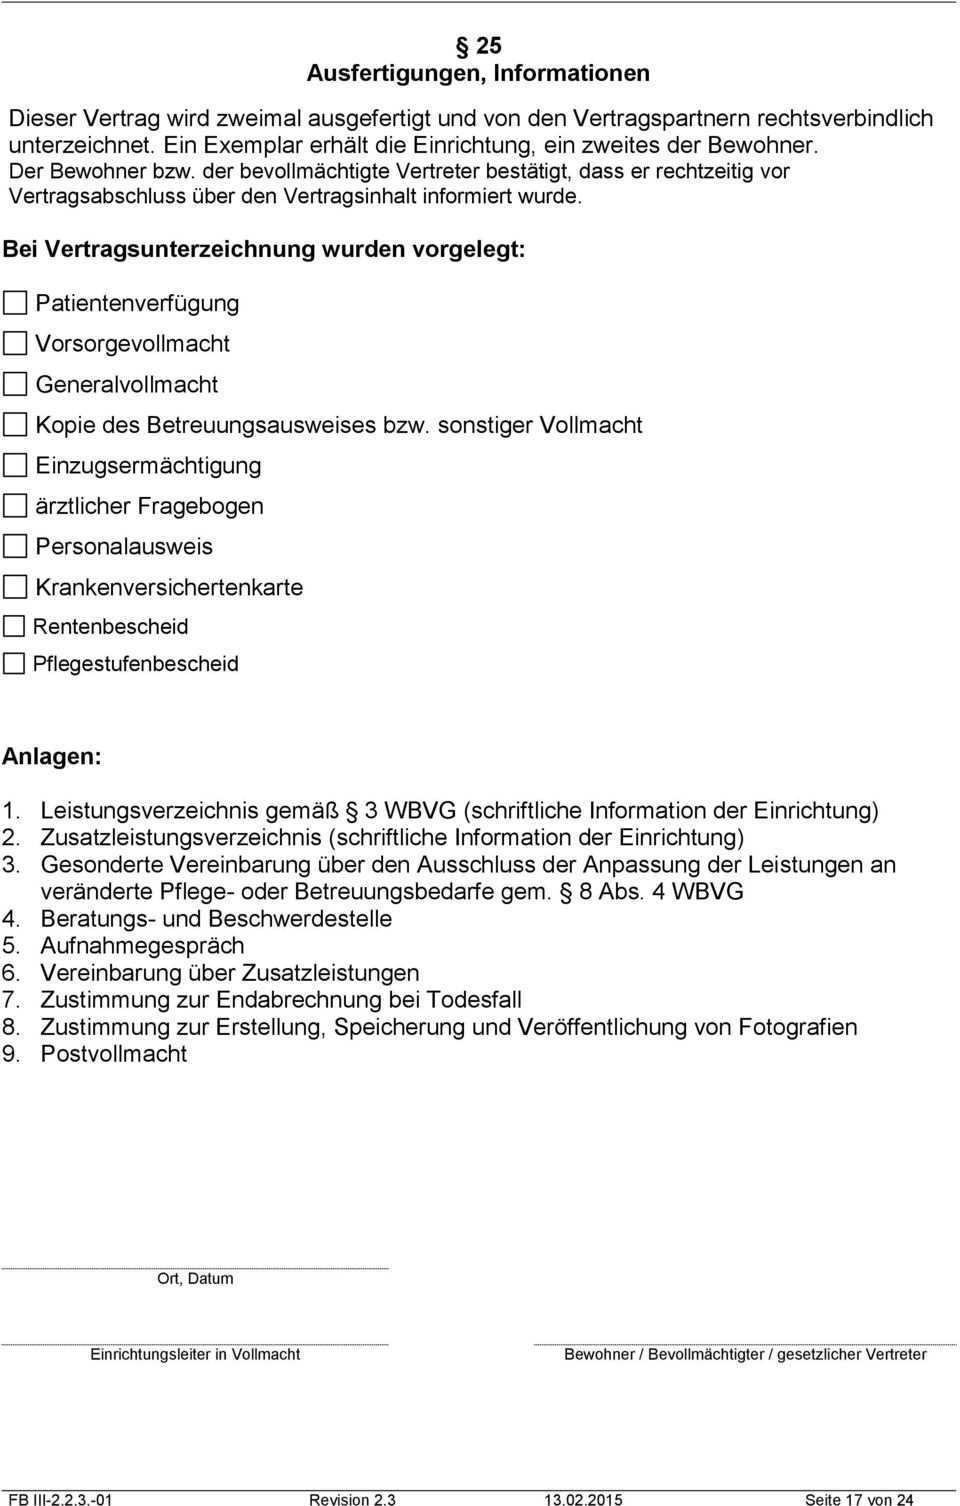 Heimvertrag Fur Stationare Pflege Pdf Kostenfreier Download